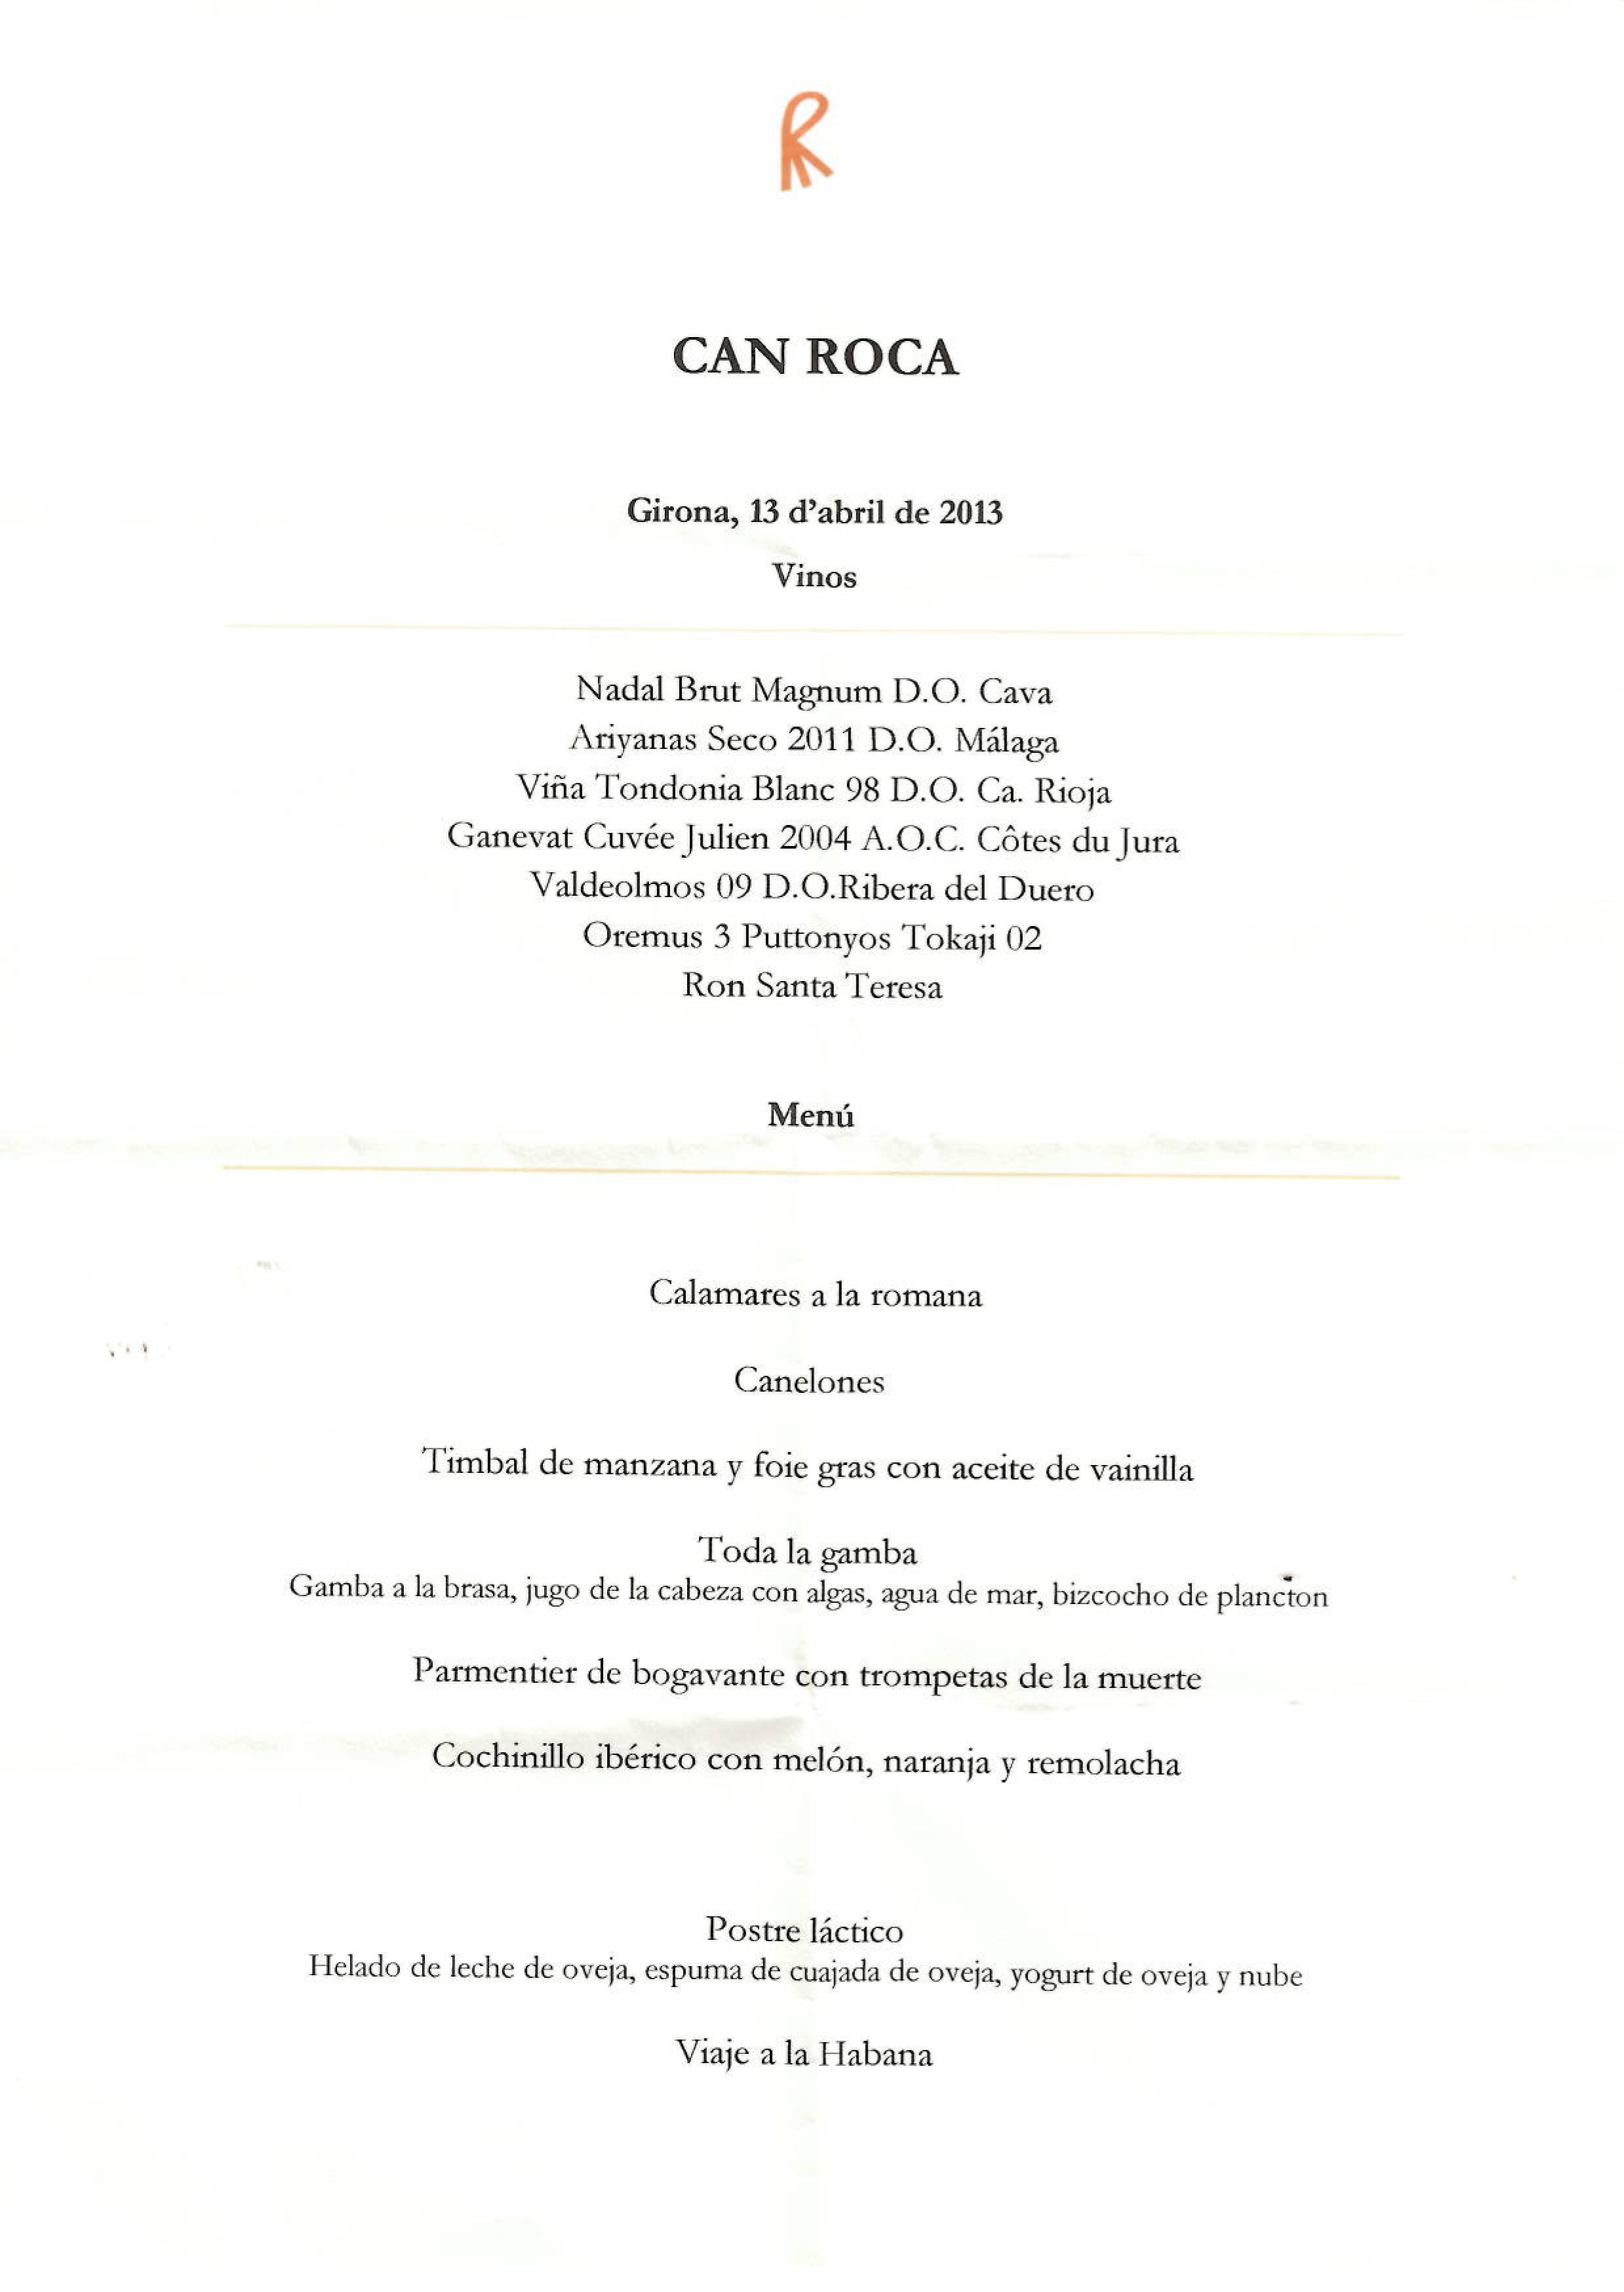 Peña_Gastronómica_Los_Restauranteros_Menú_Can_Roca_13.04.13_BloG-M_Aurelio_Gómez-Miranda